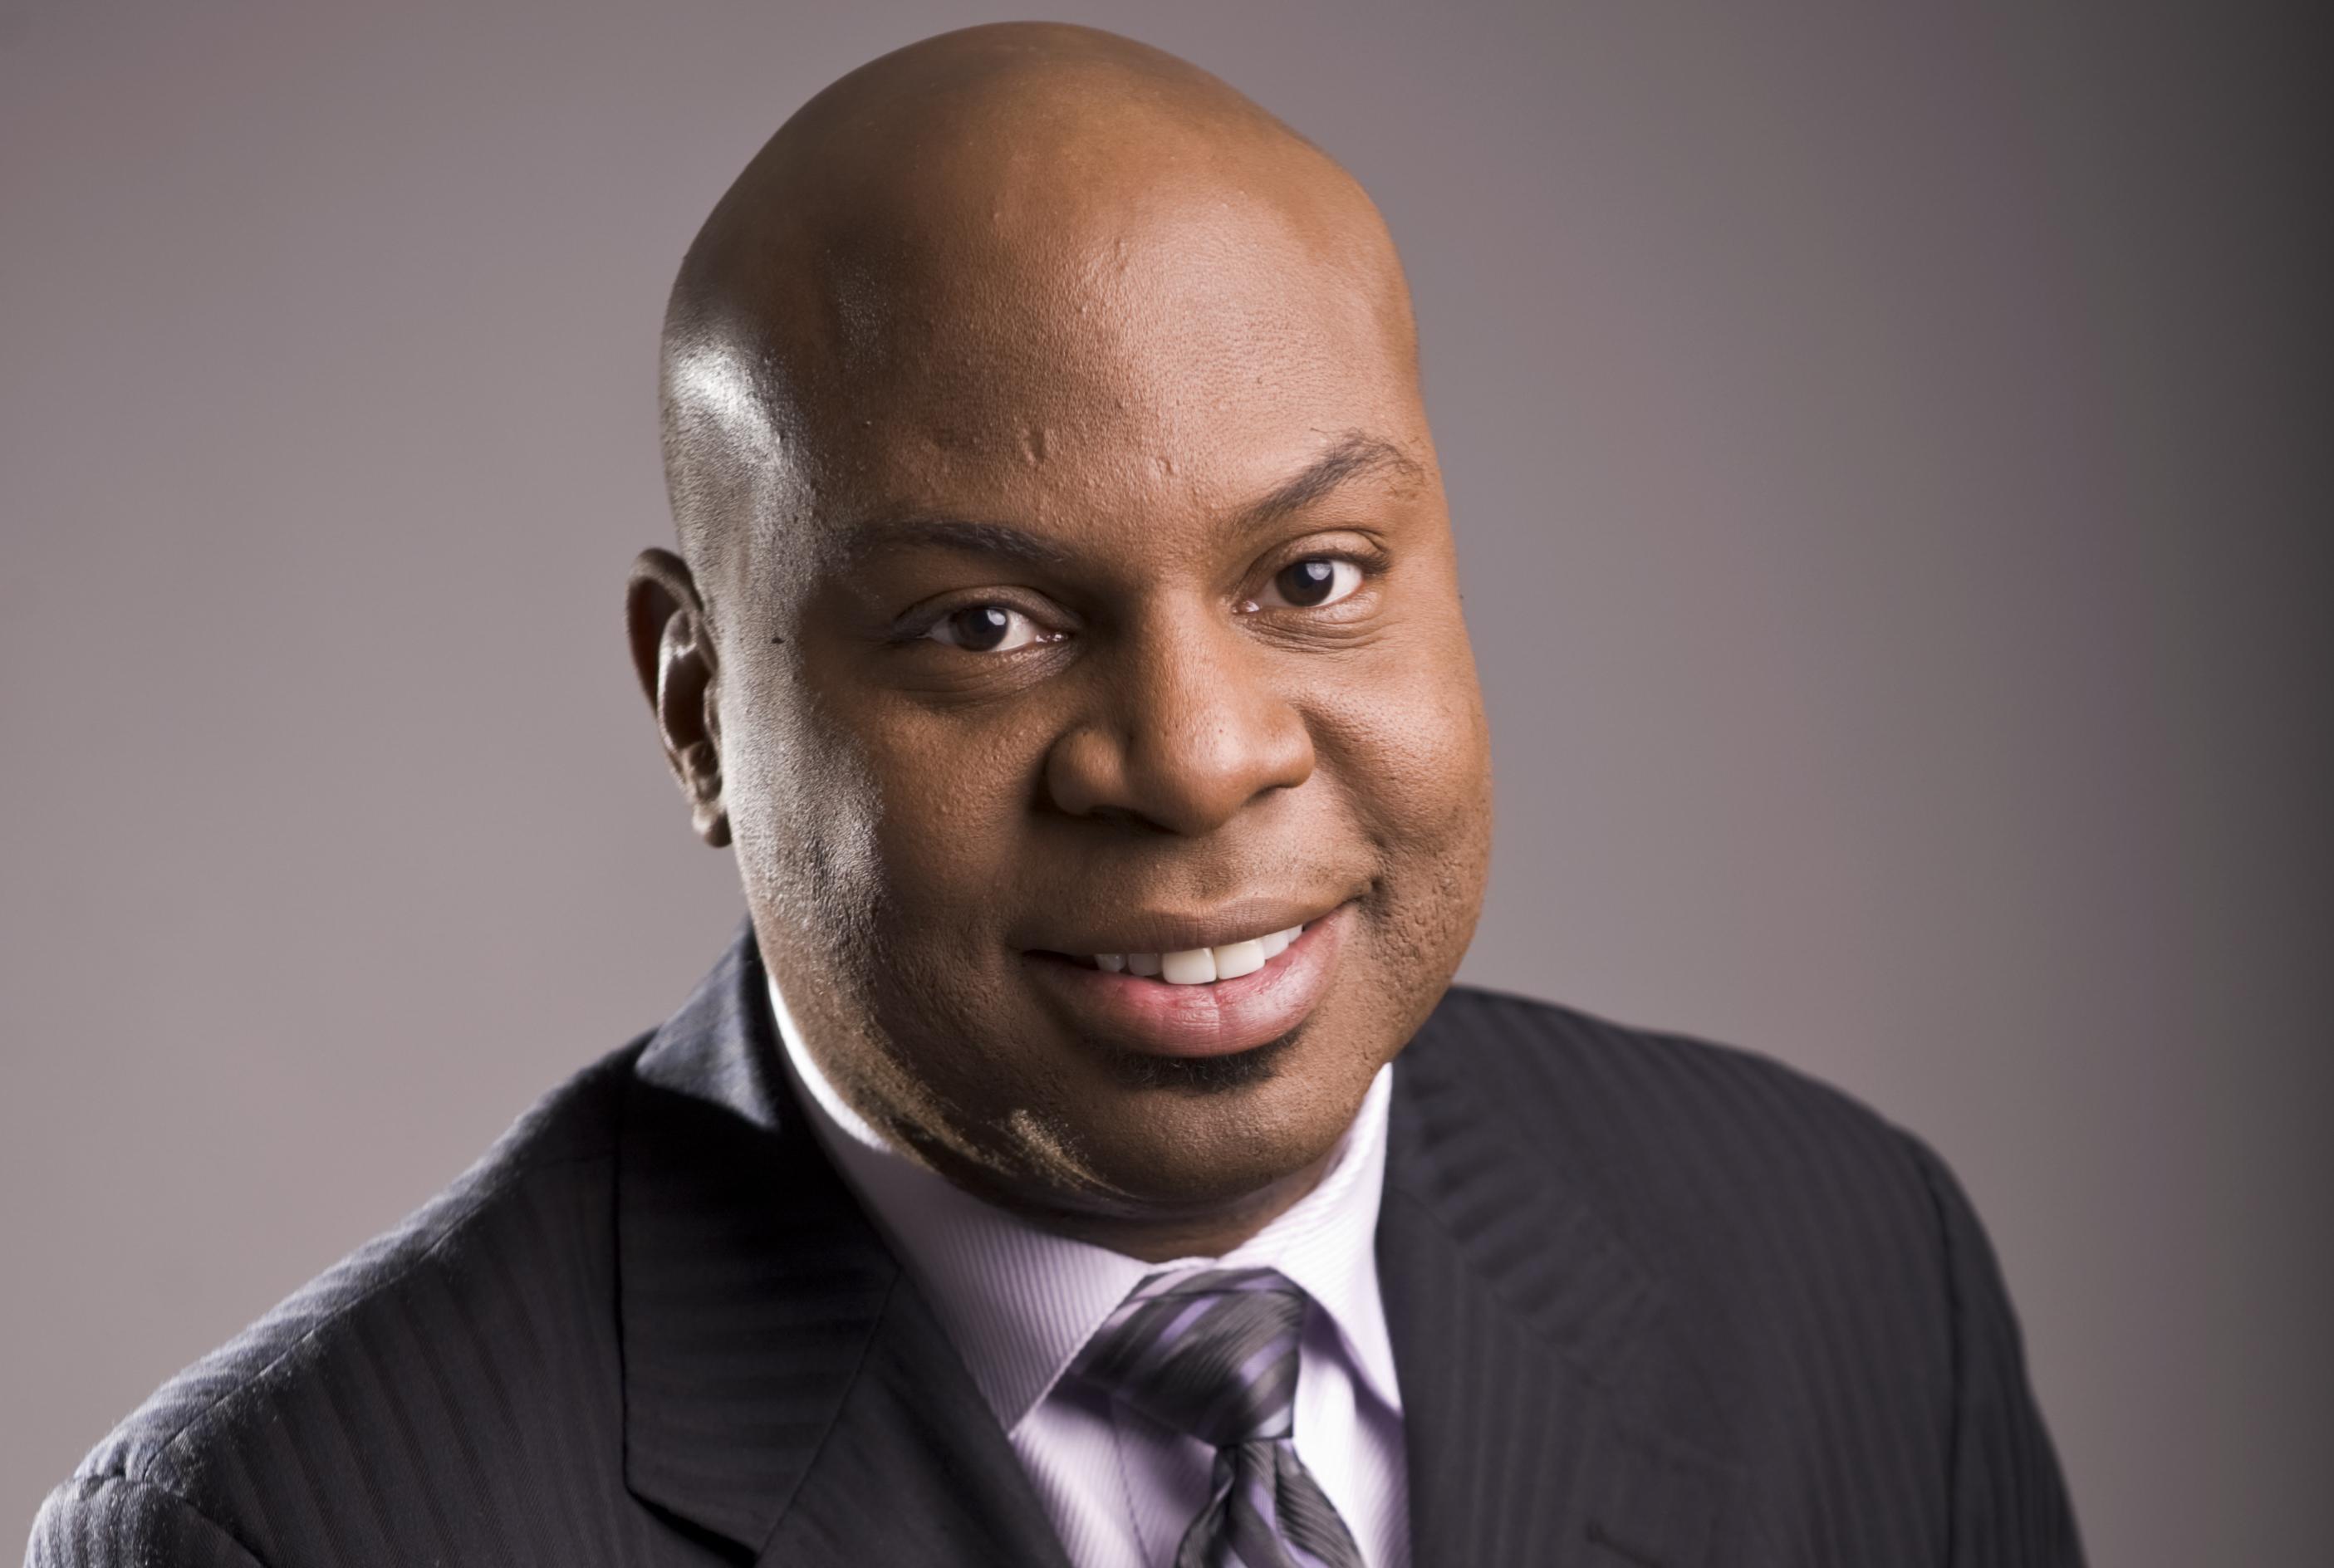 Fort worth black pastor sex scandal